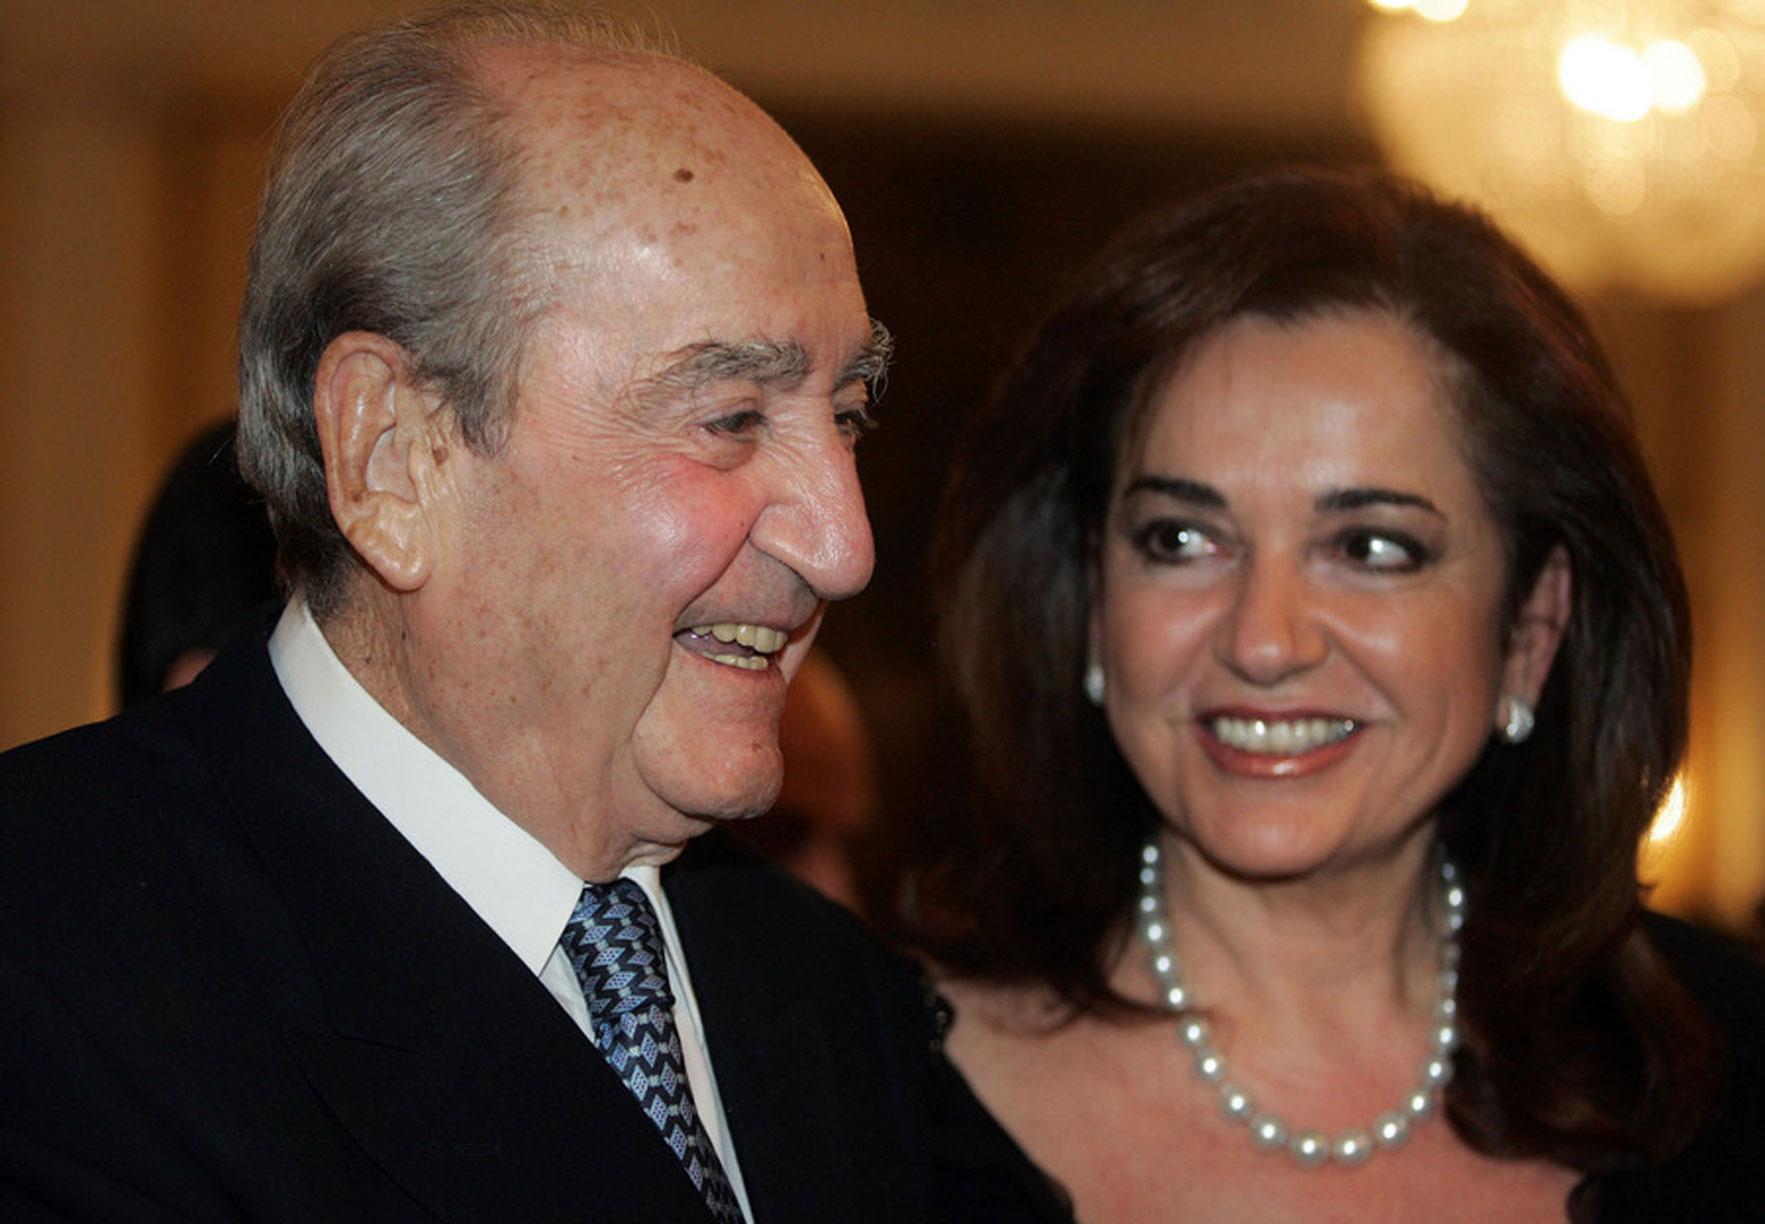 Ντόρα Μπακογιάννη για τον Κωνσταντίνο Μητσοτάκη: Πόσο θα ήθελα να ήσουν εδώ